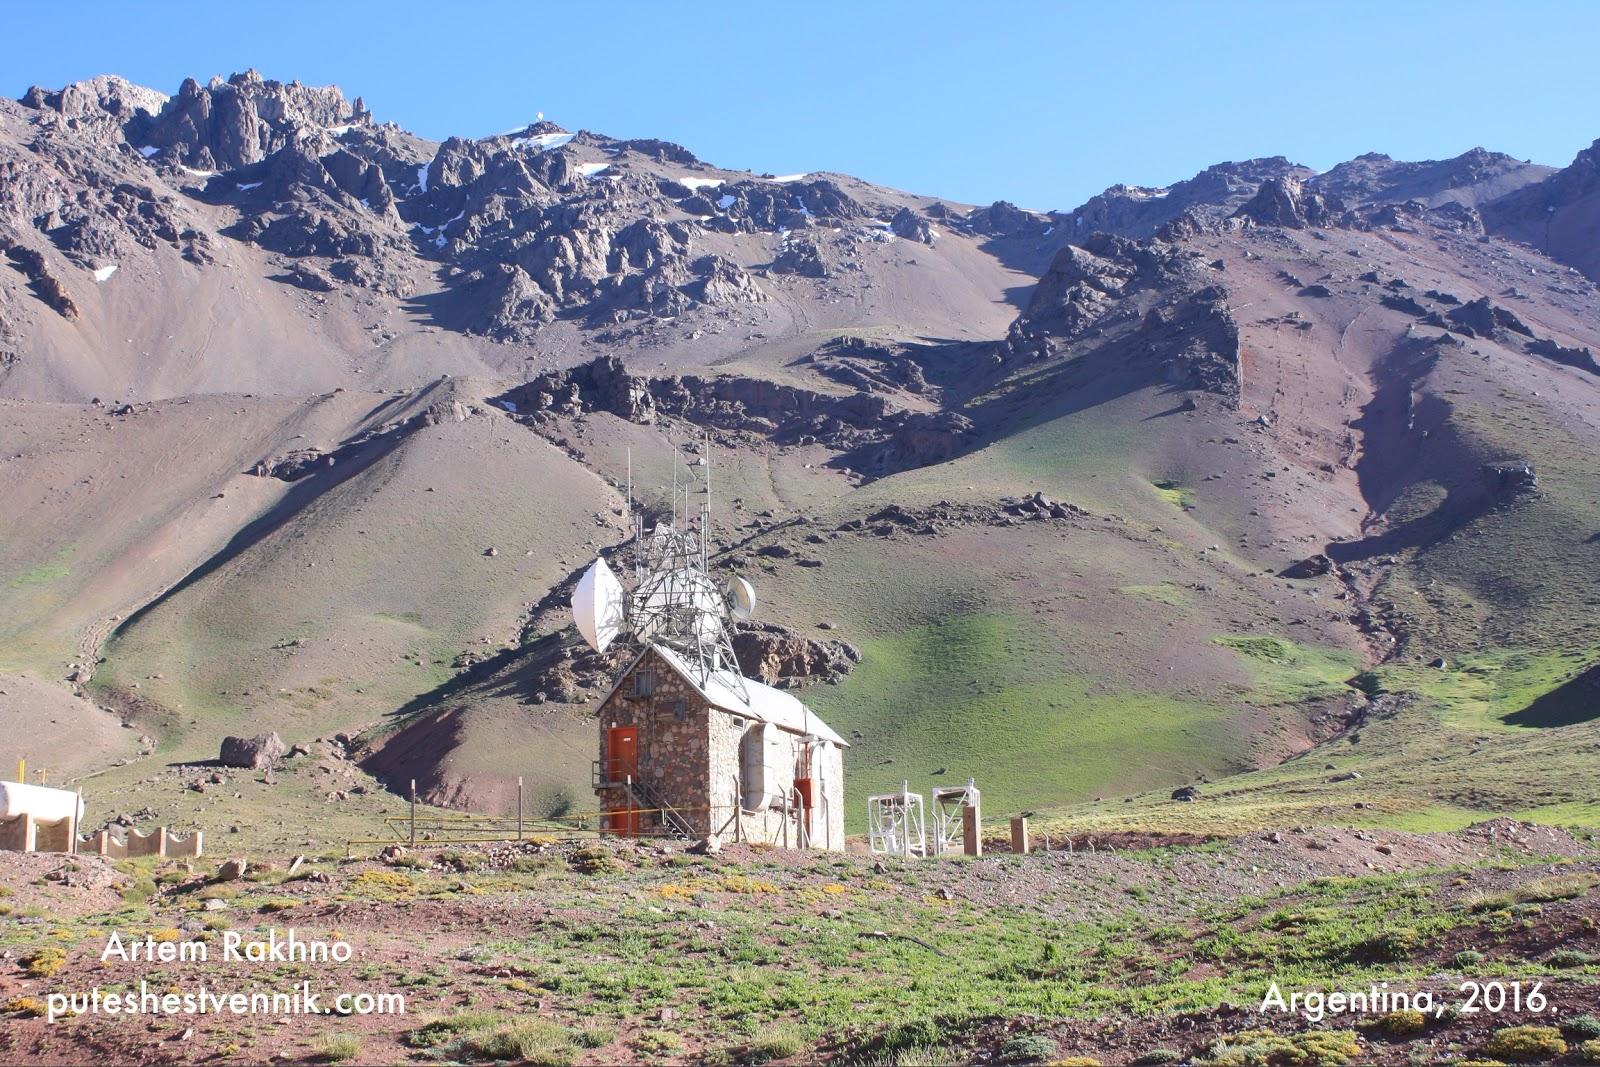 Здание с антеннами в горах Аргентины